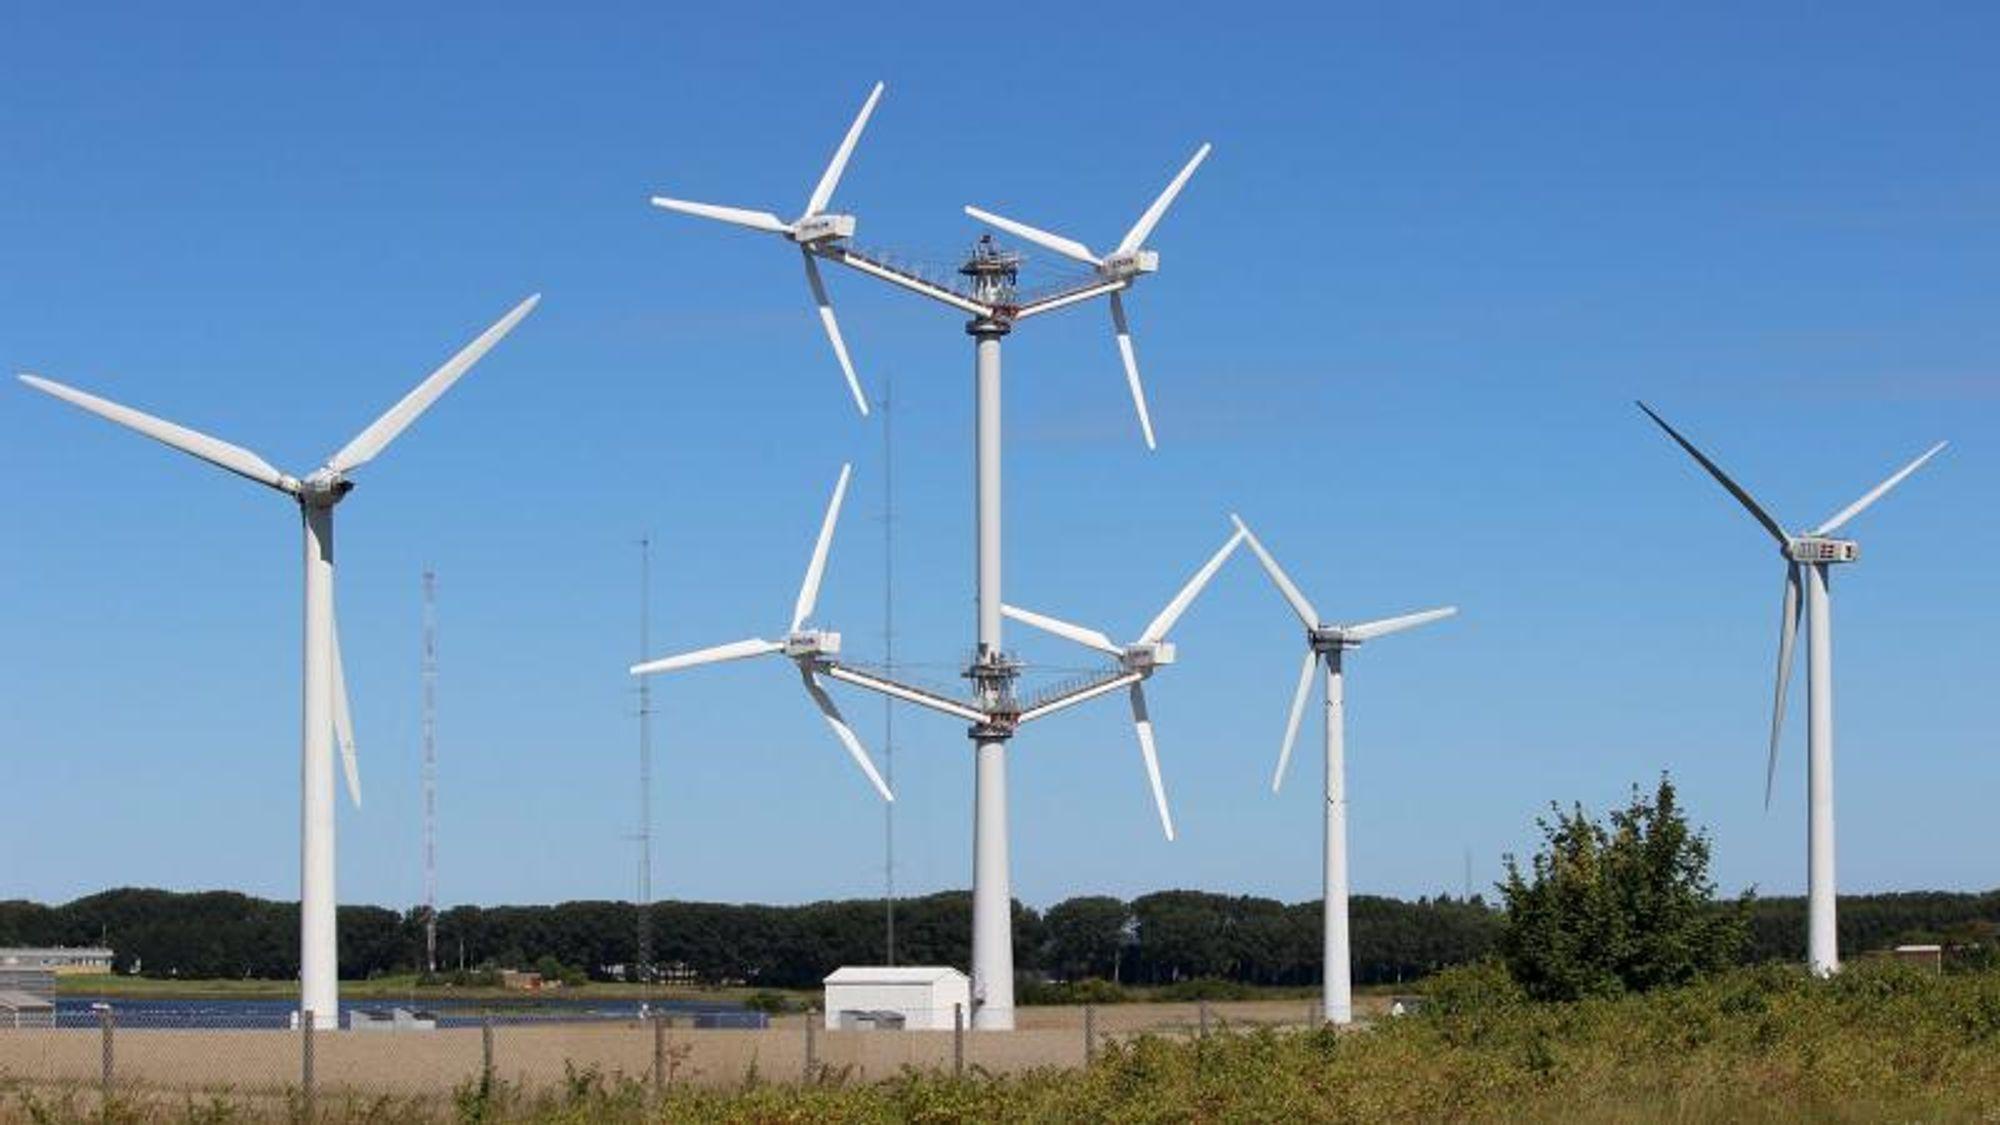 I perioden april 2016 til desember 2018 testet Vestas en multirotor-modell på DTU Winds testområde på Risø.